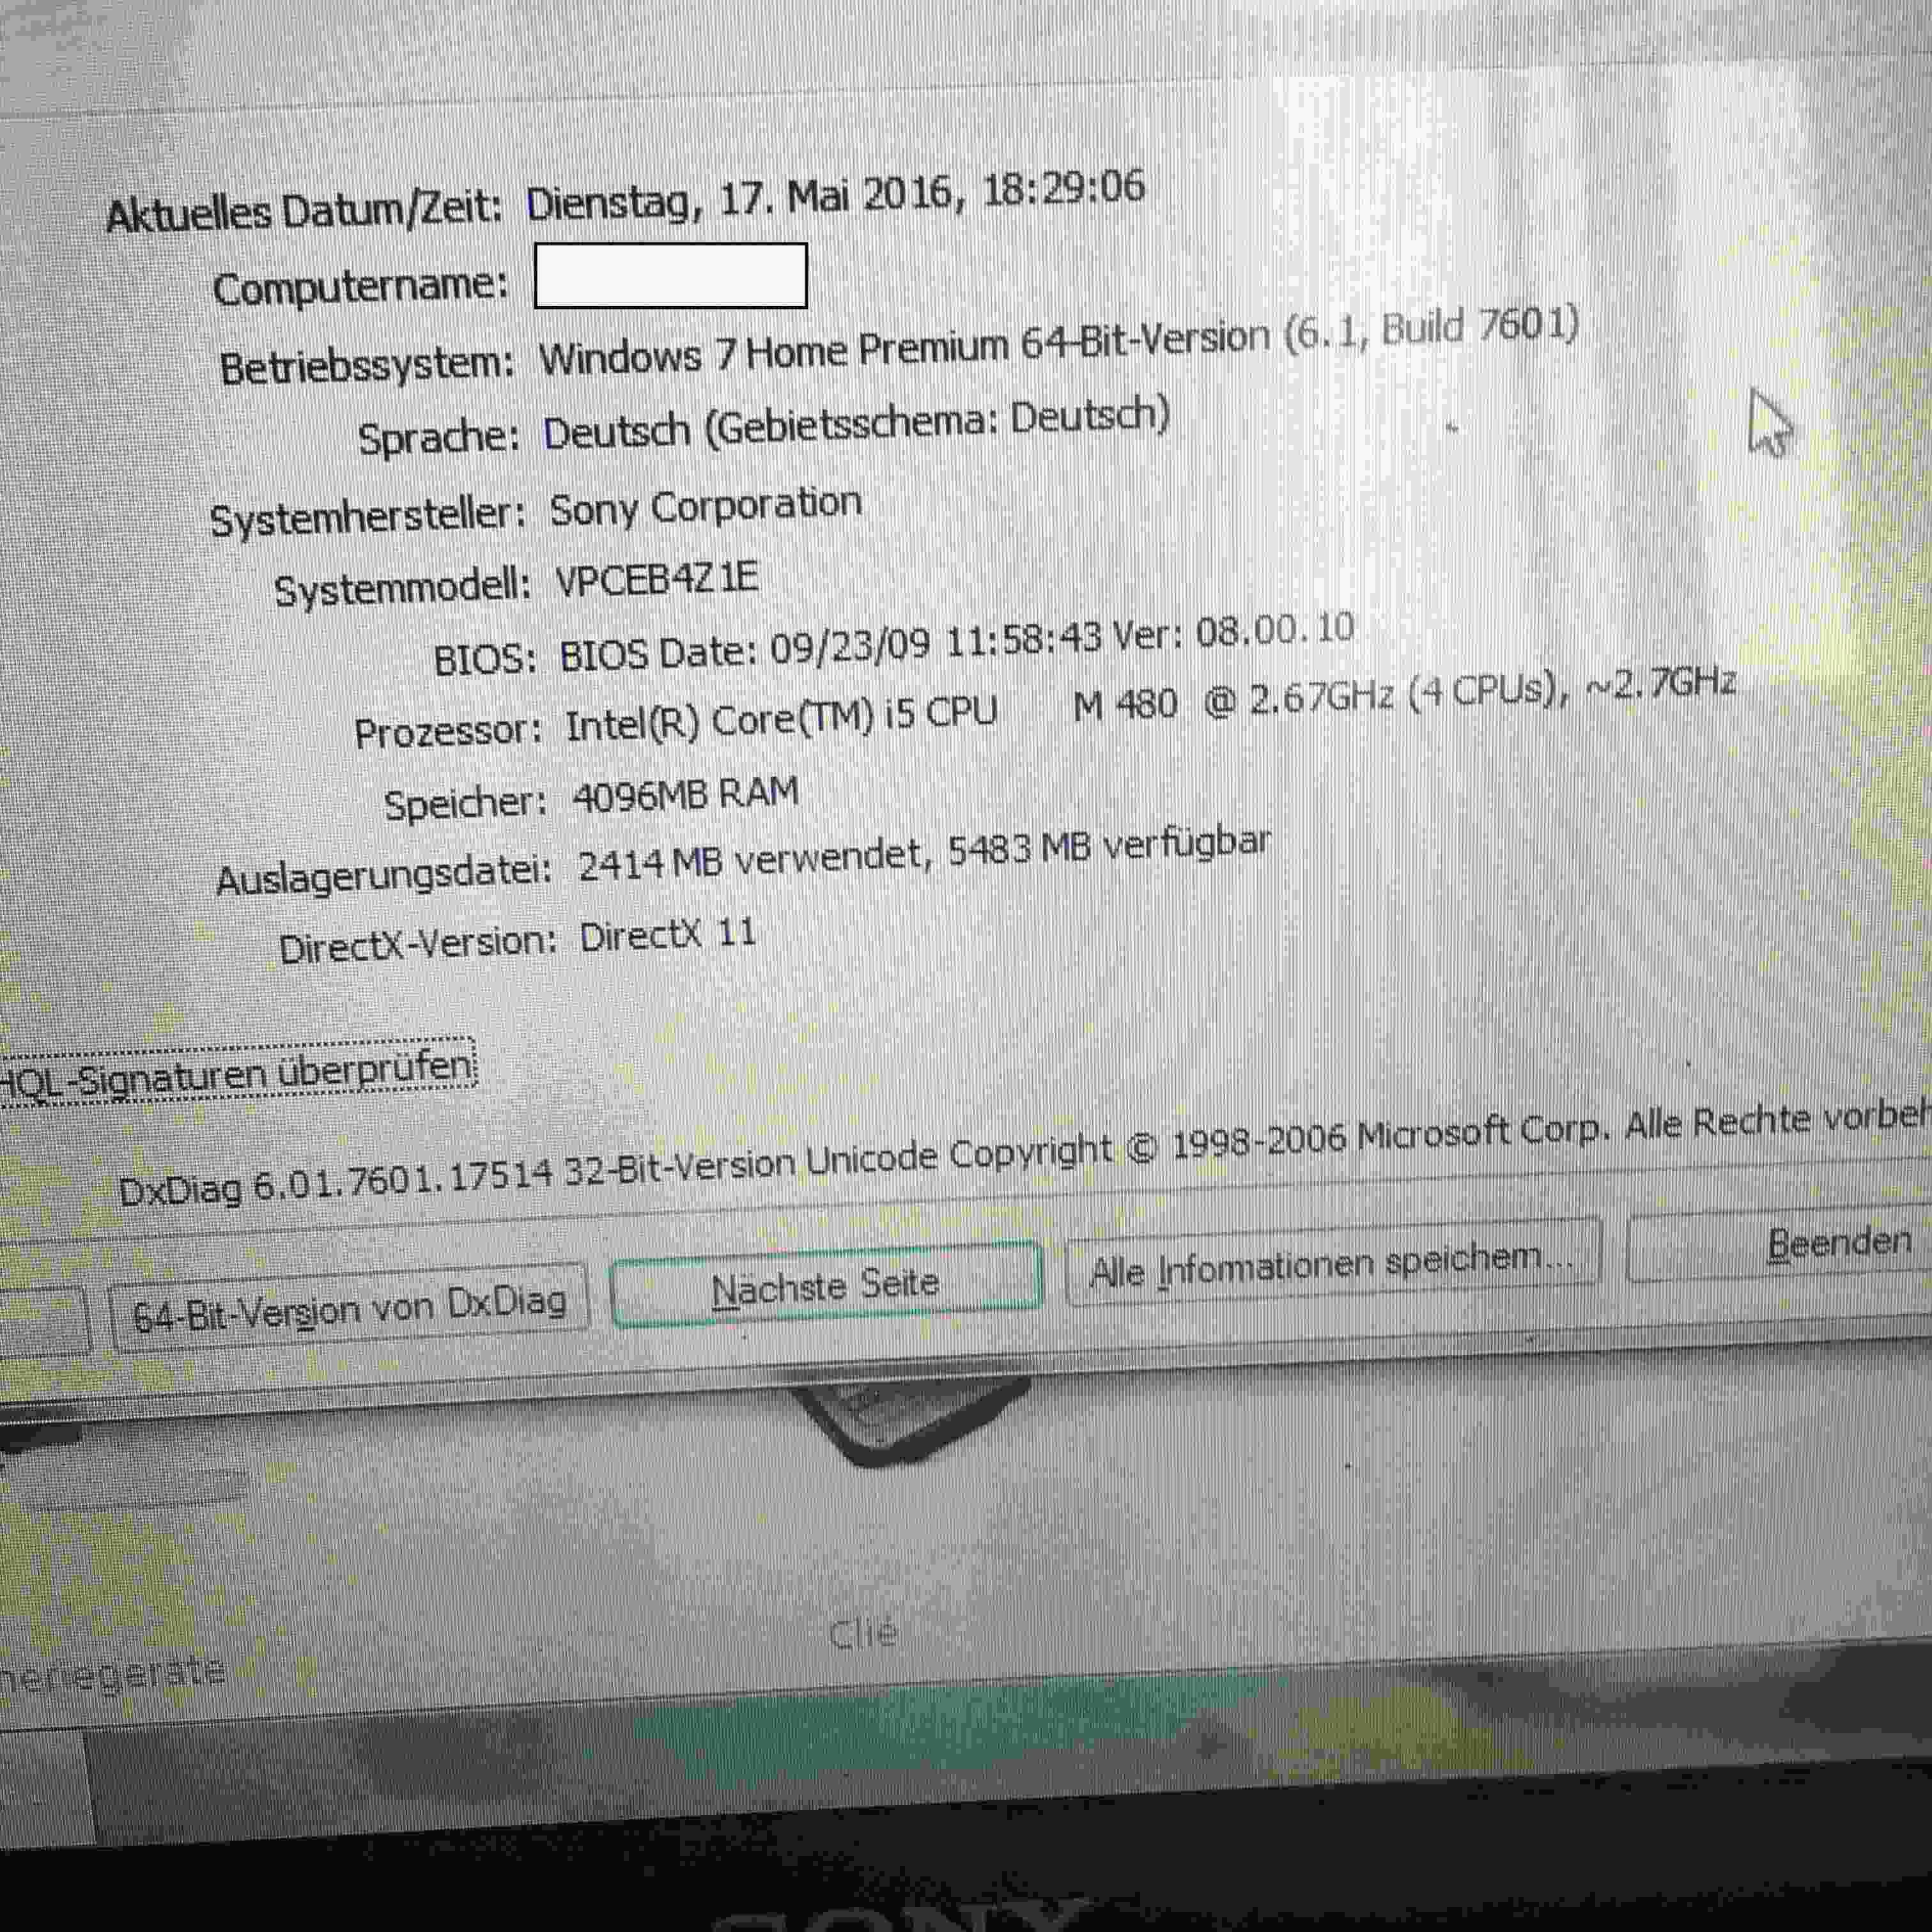 Sony VAIO Notebook VPCEB4Z1E - BIOS Update? | raid rush